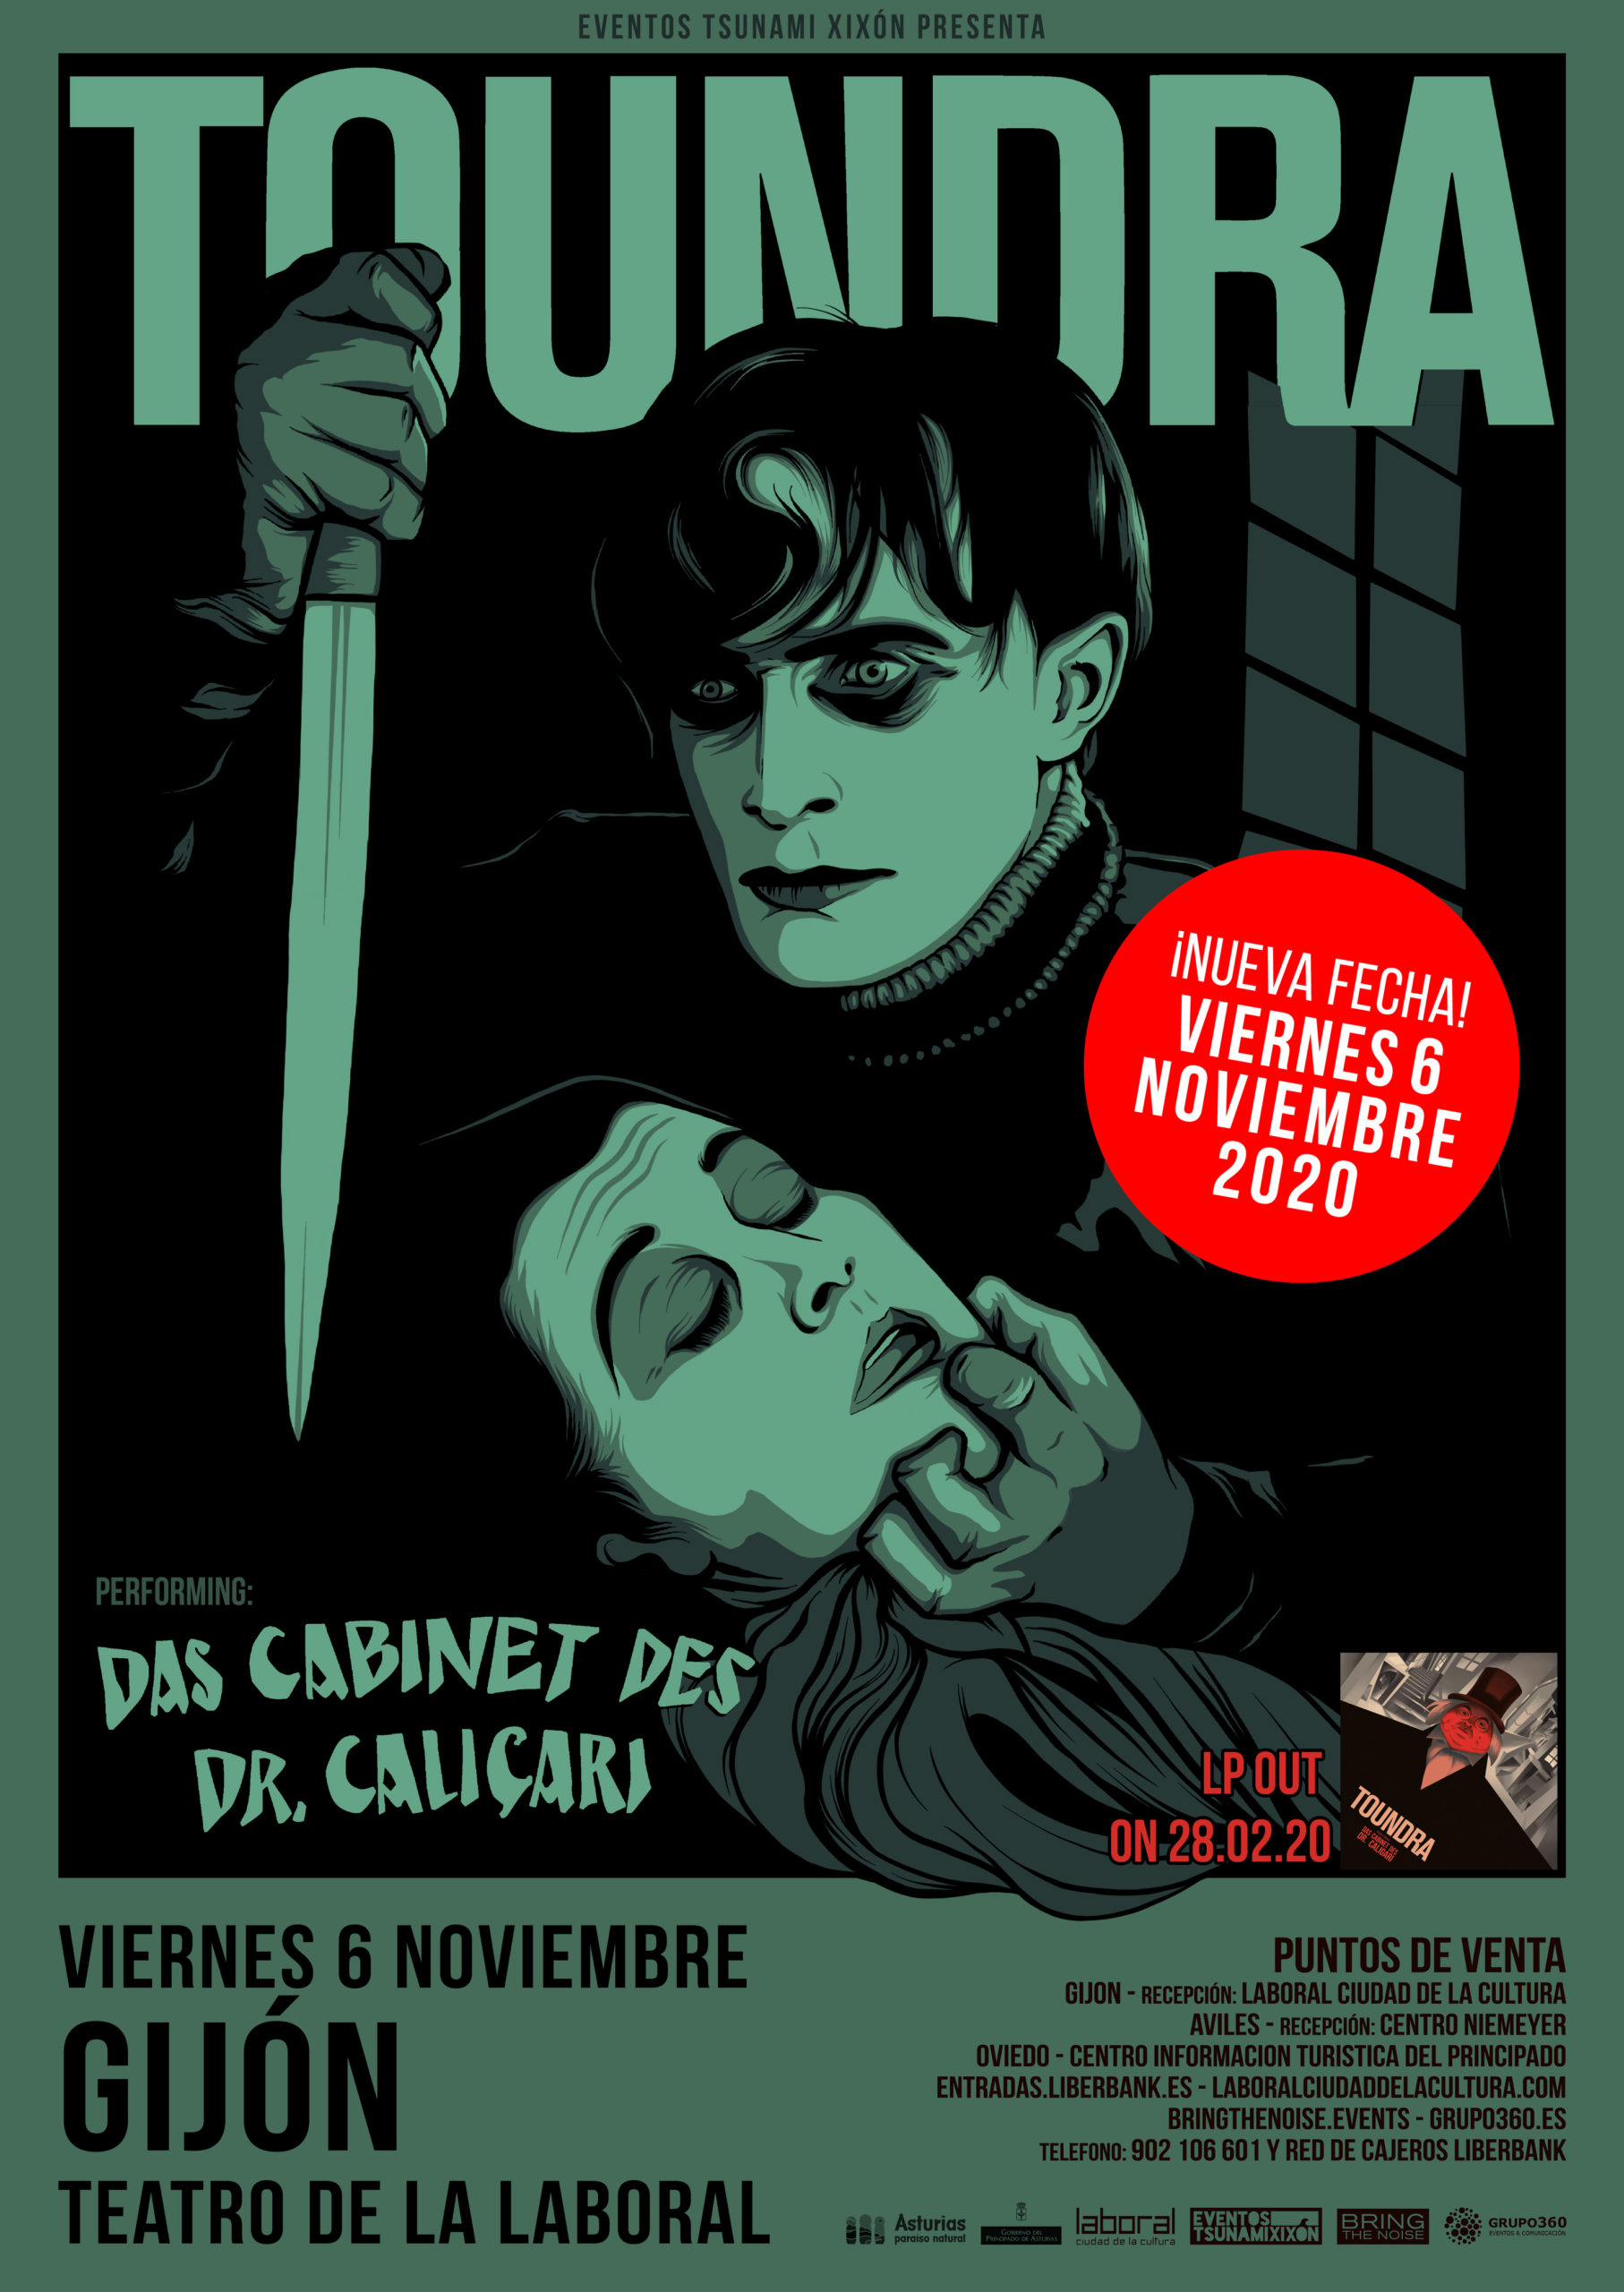 Toundra presentará «'Das Cabinet Des Dr. Caligari» en el Teatro de la Laboral de Gijón